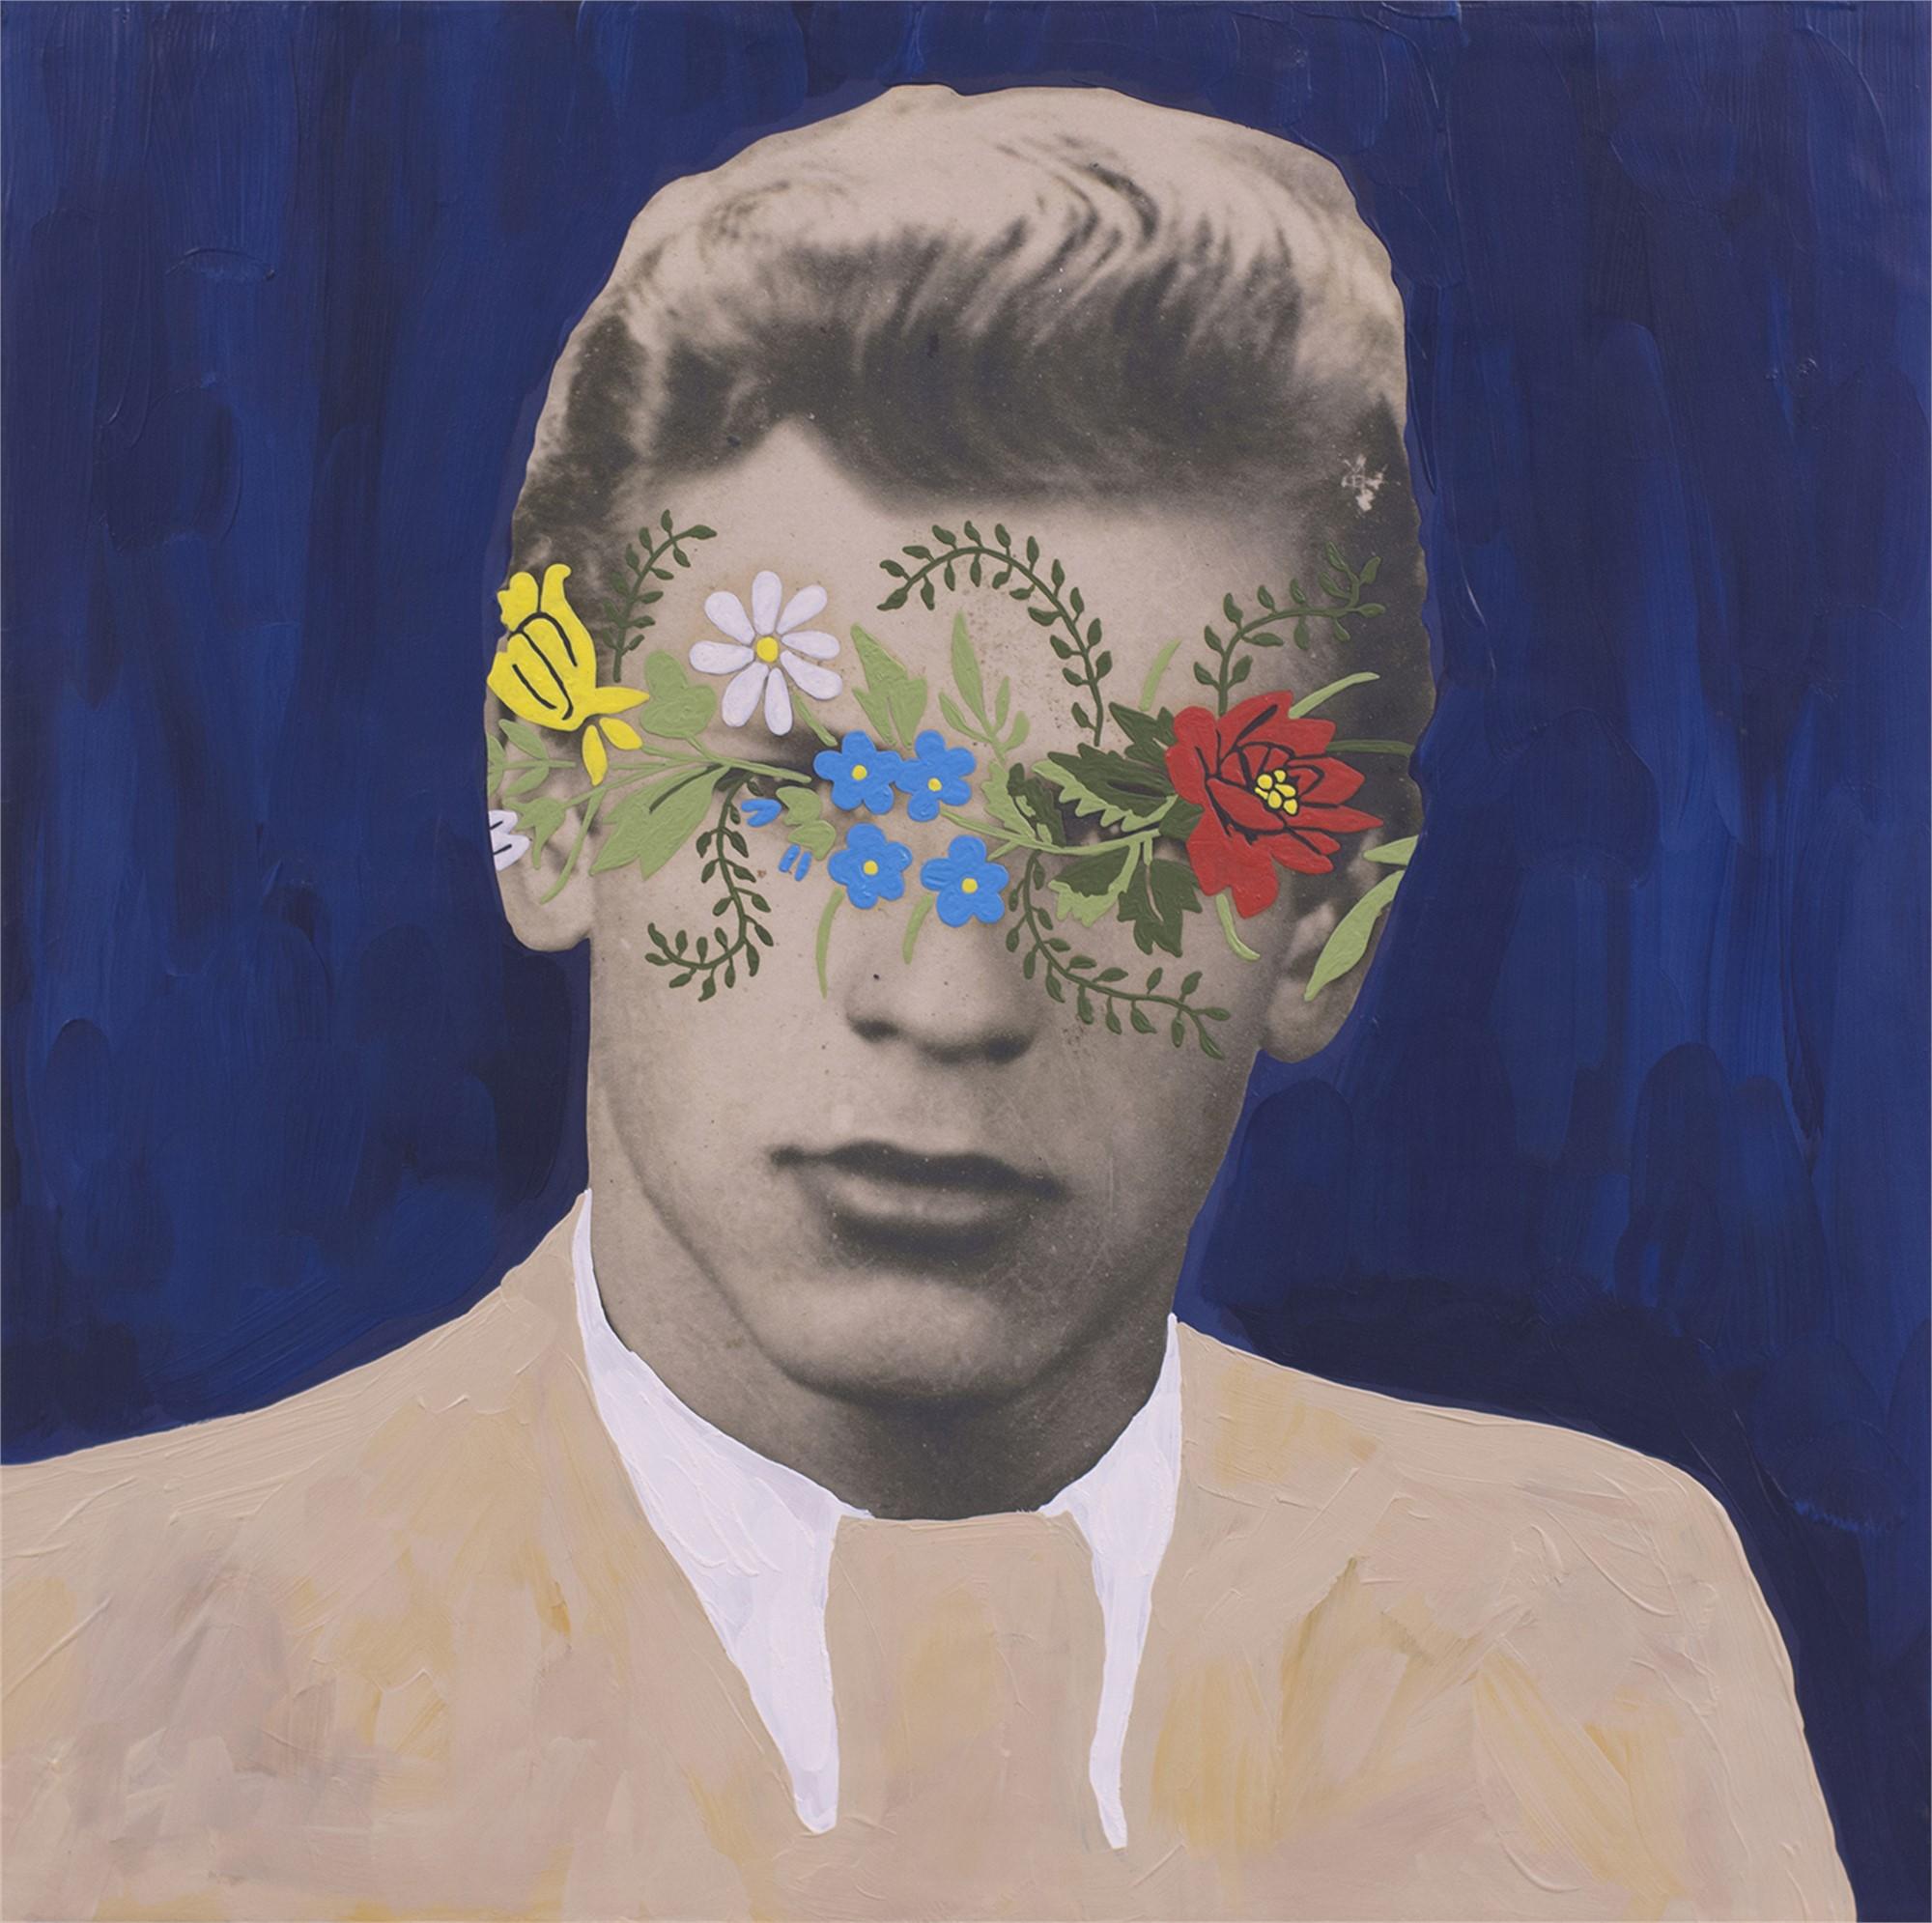 Untitled (Kochanym wujkom na wieczną pamiątkę Witold Willy 3.05.55) by Daisy Patton